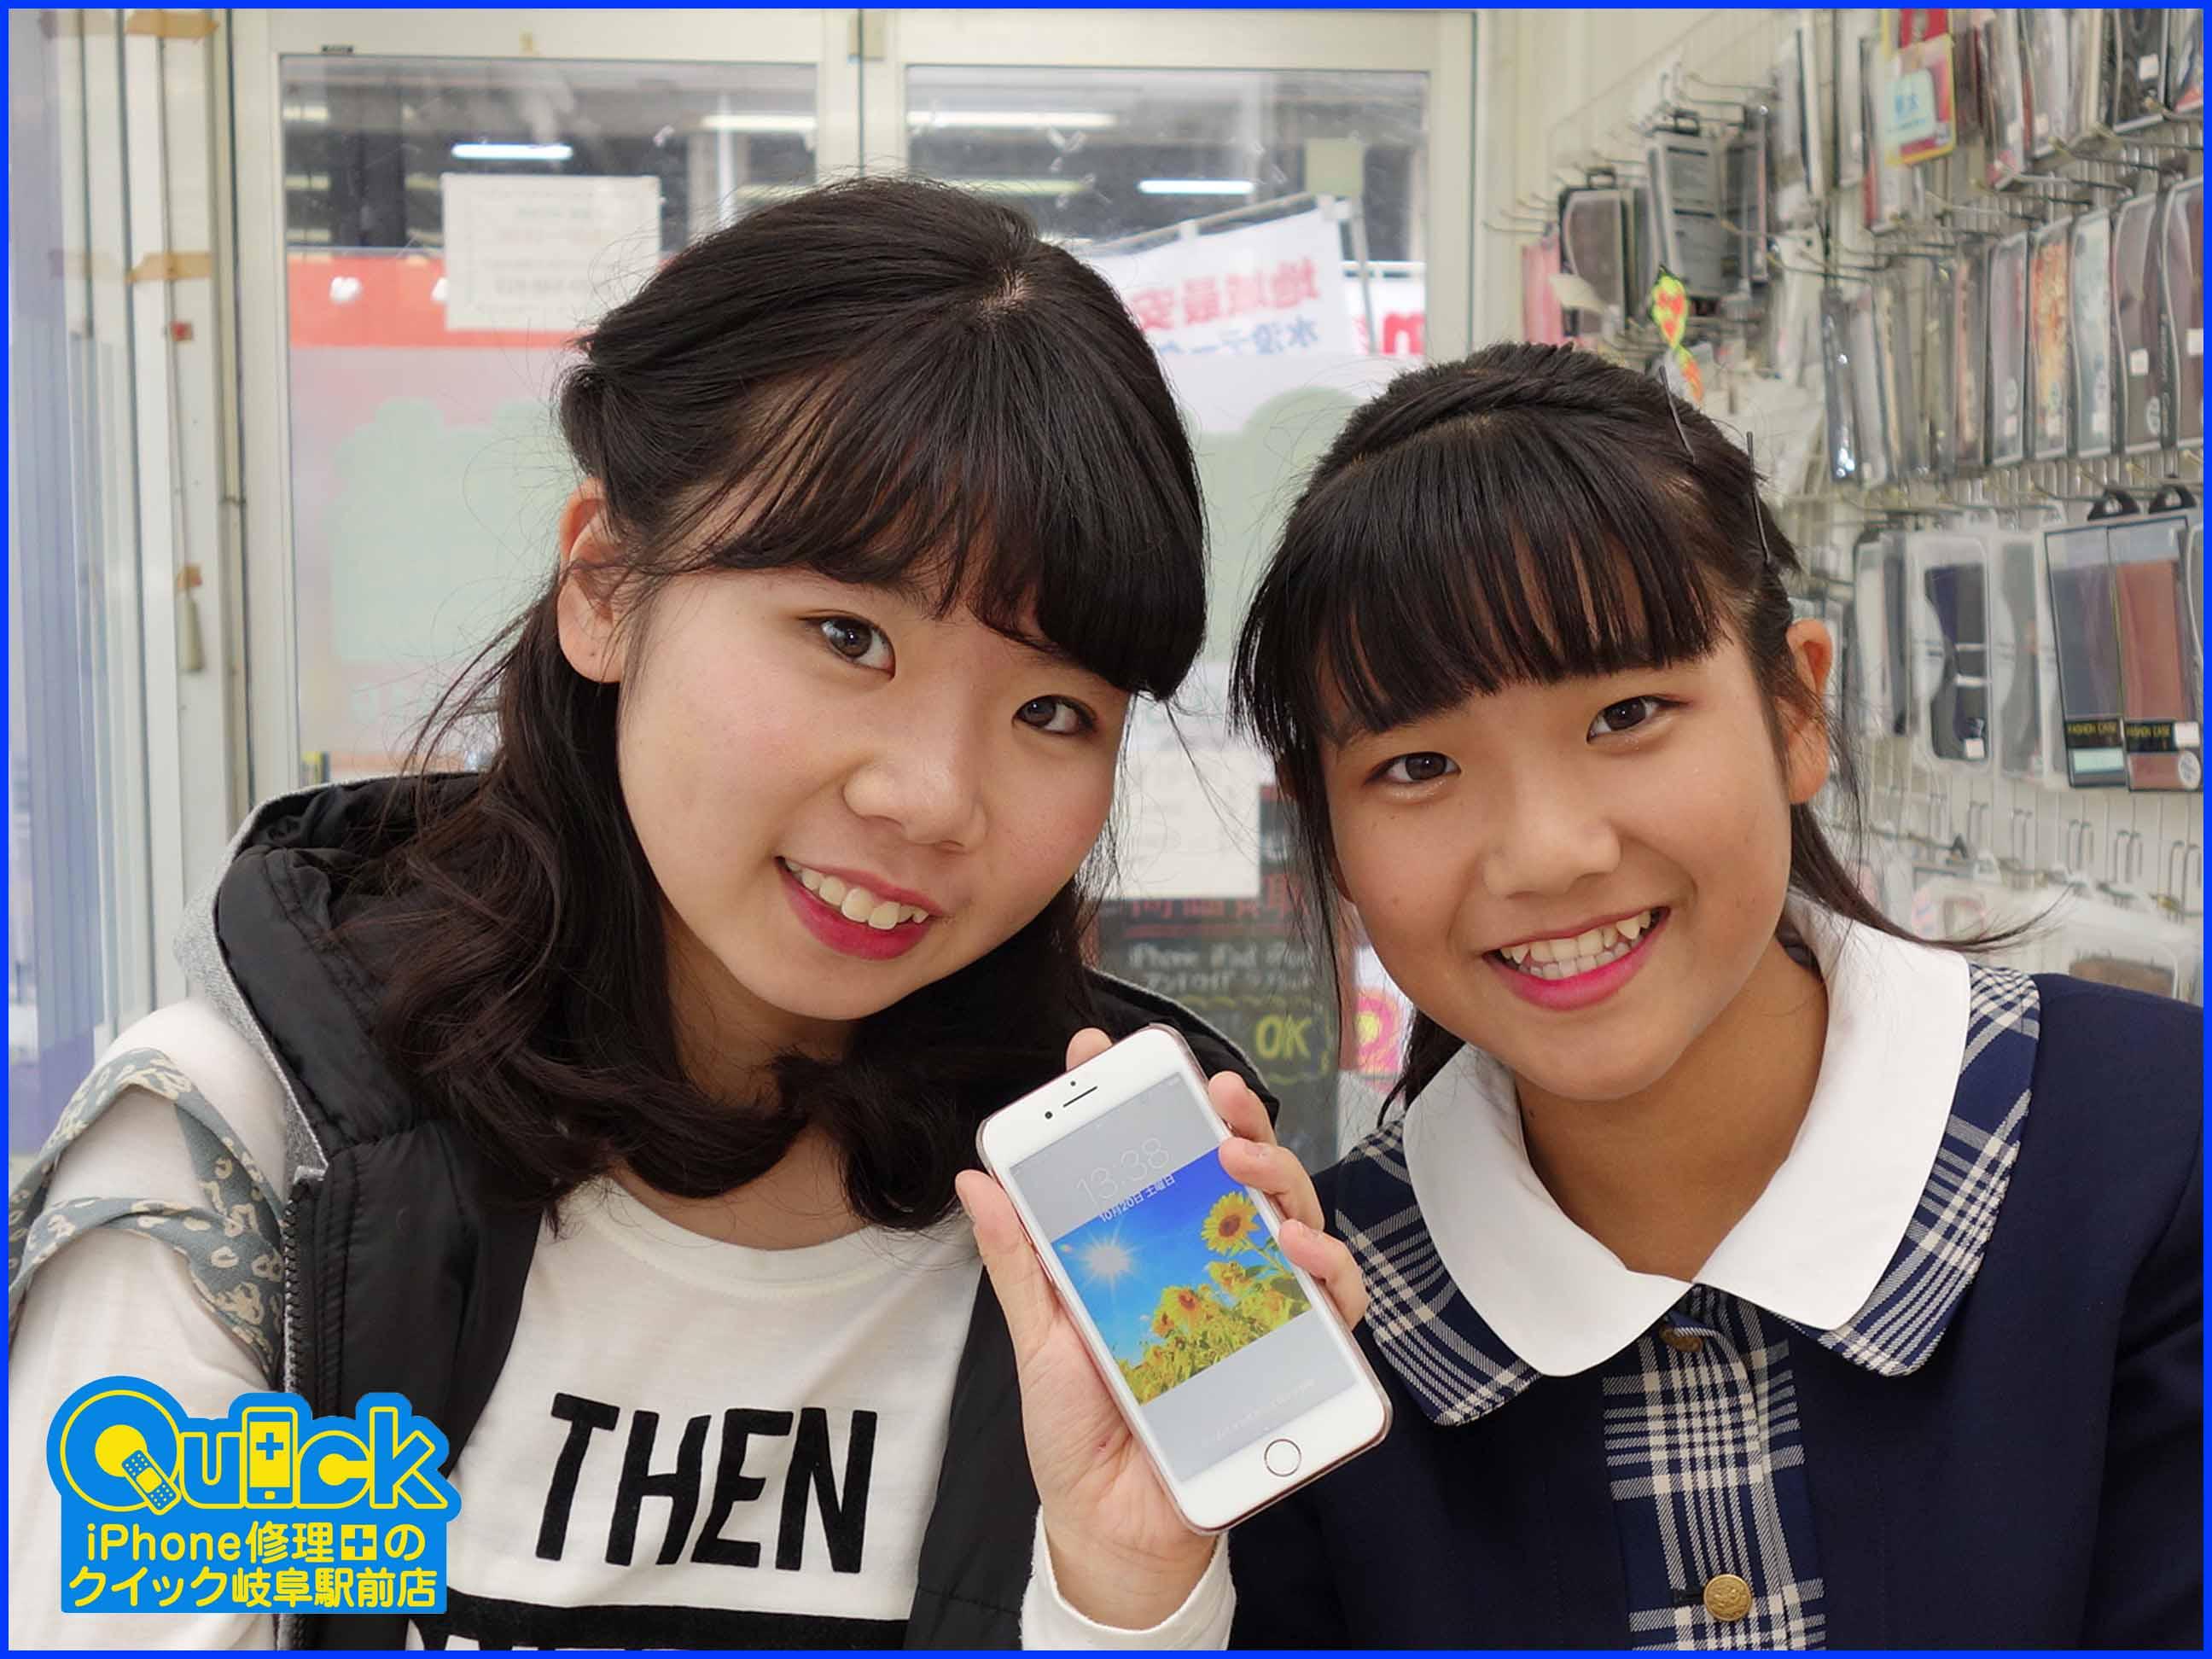 ☆各務原市 iPhone6S ガラス割れ修理 アイフォン修理のクイック岐阜